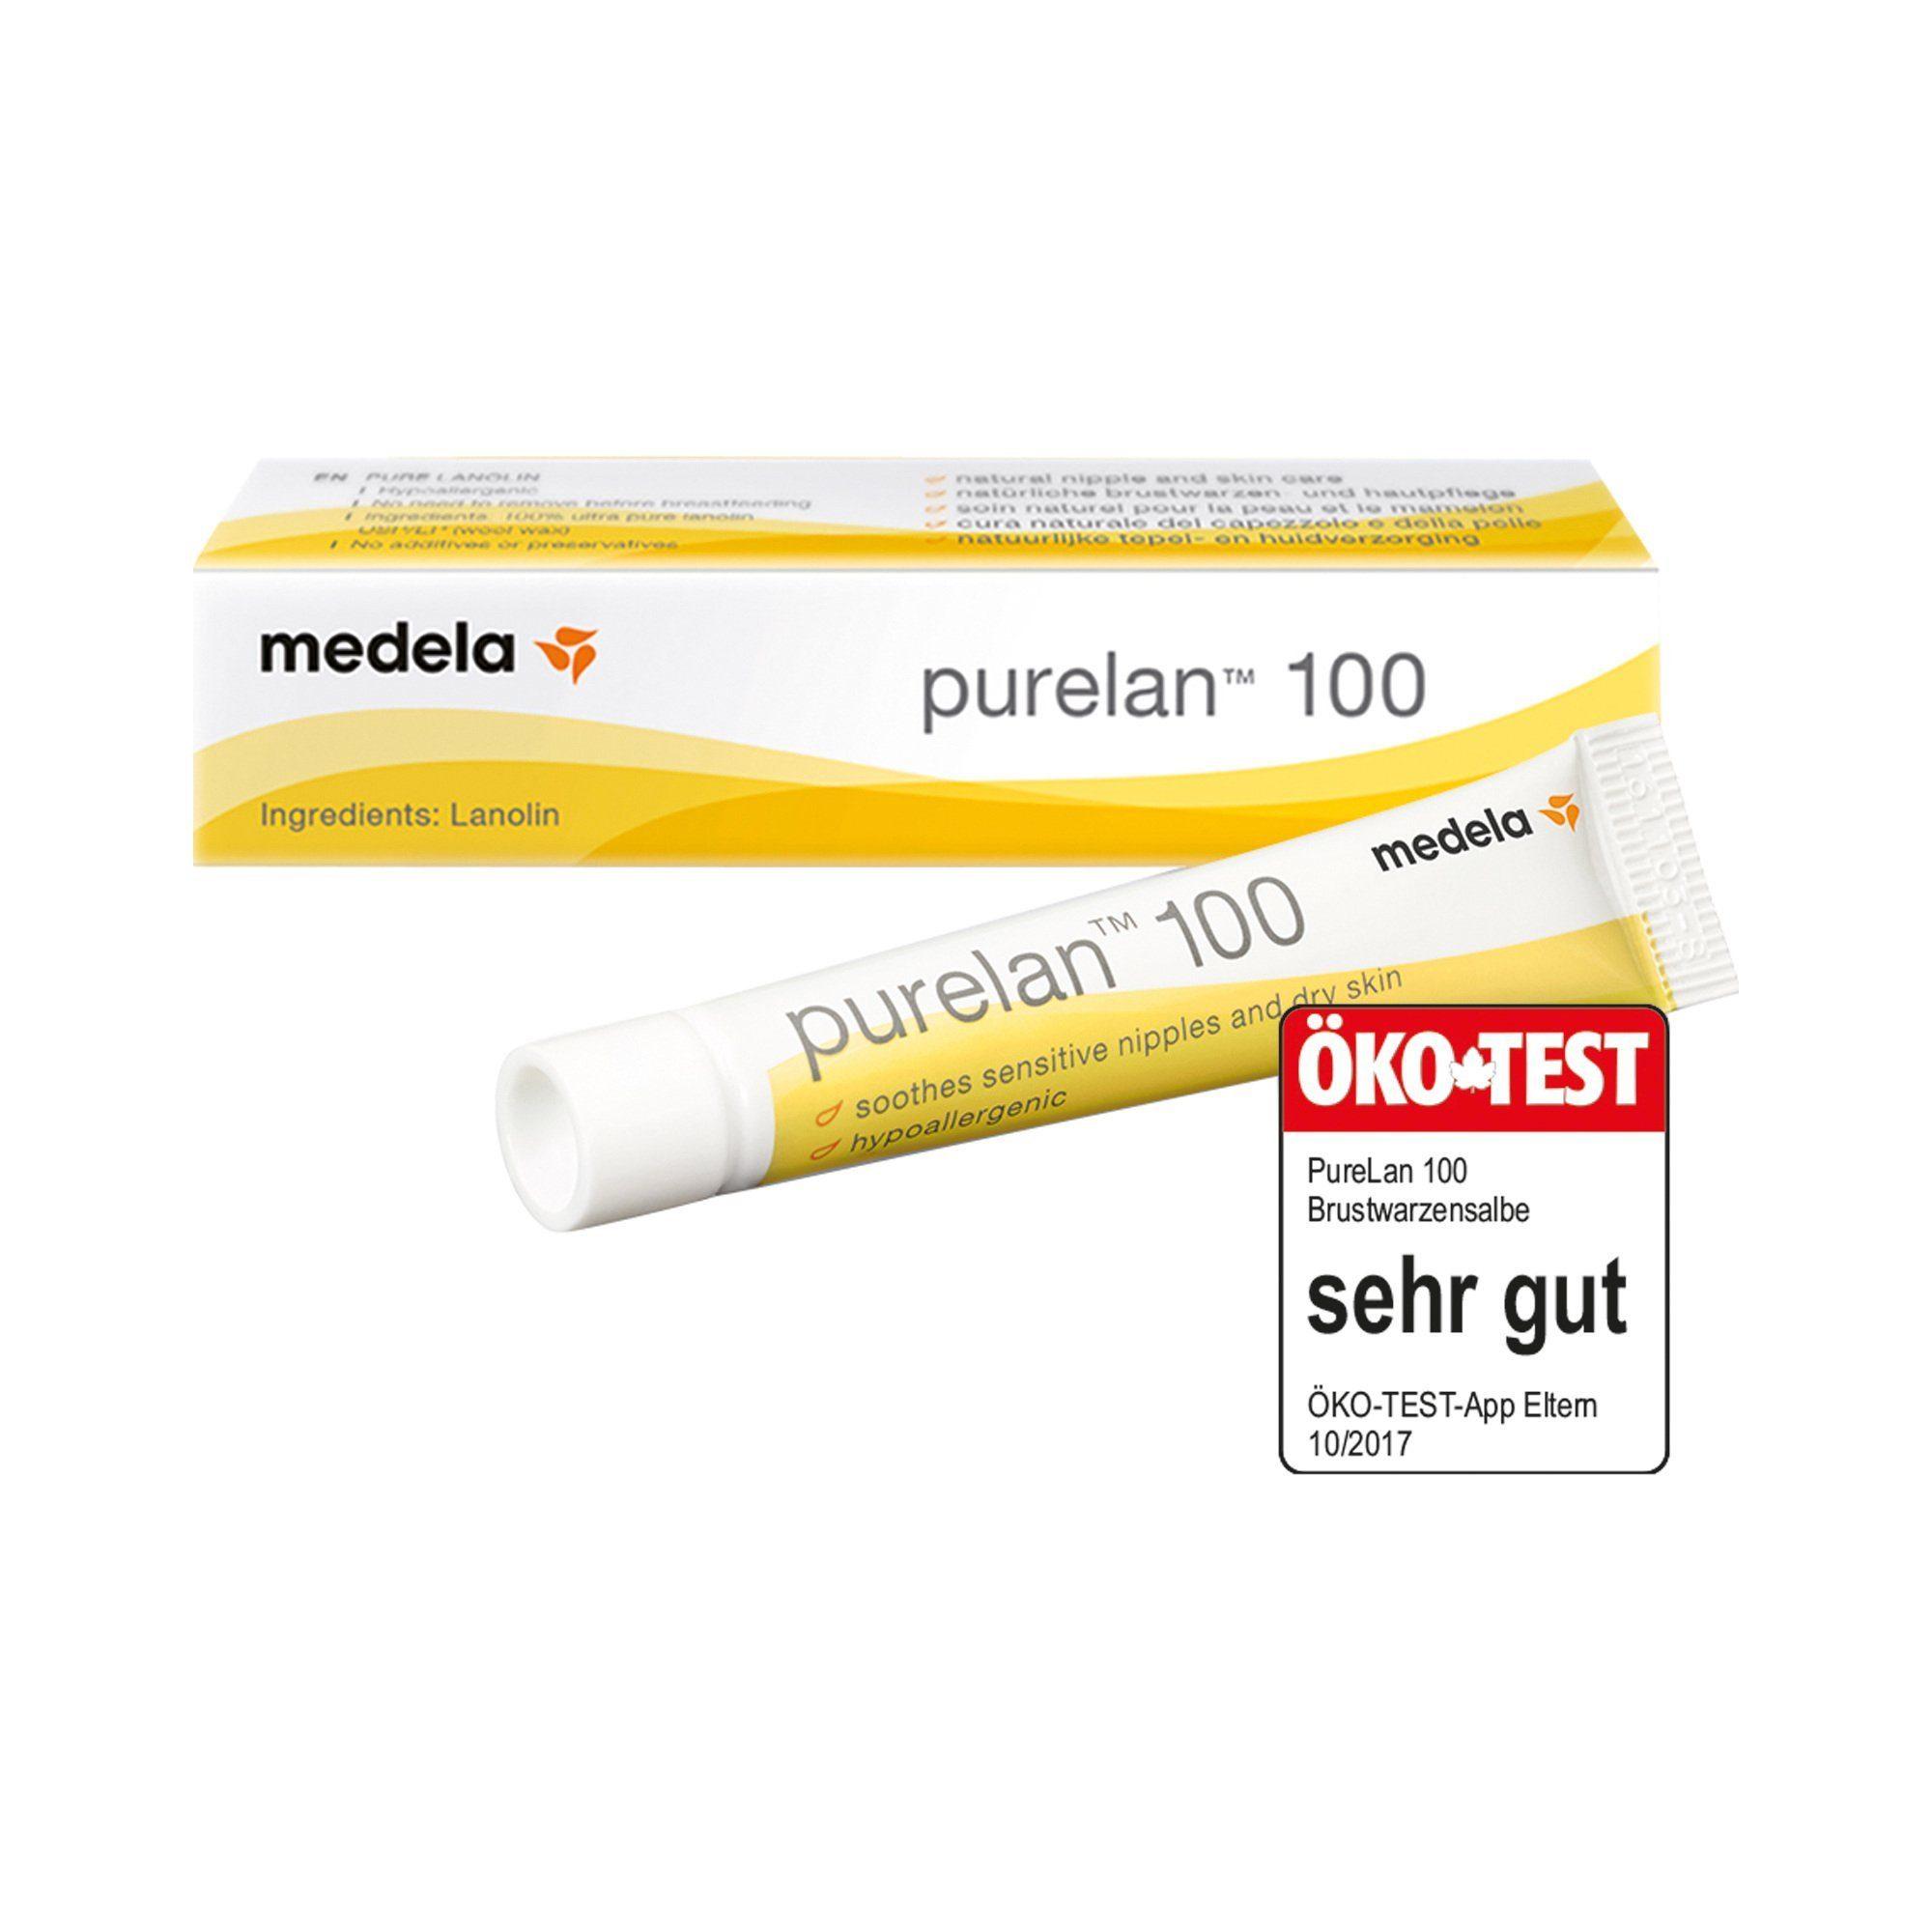 MEDELA Brustwarzencreme Purelan 7 g